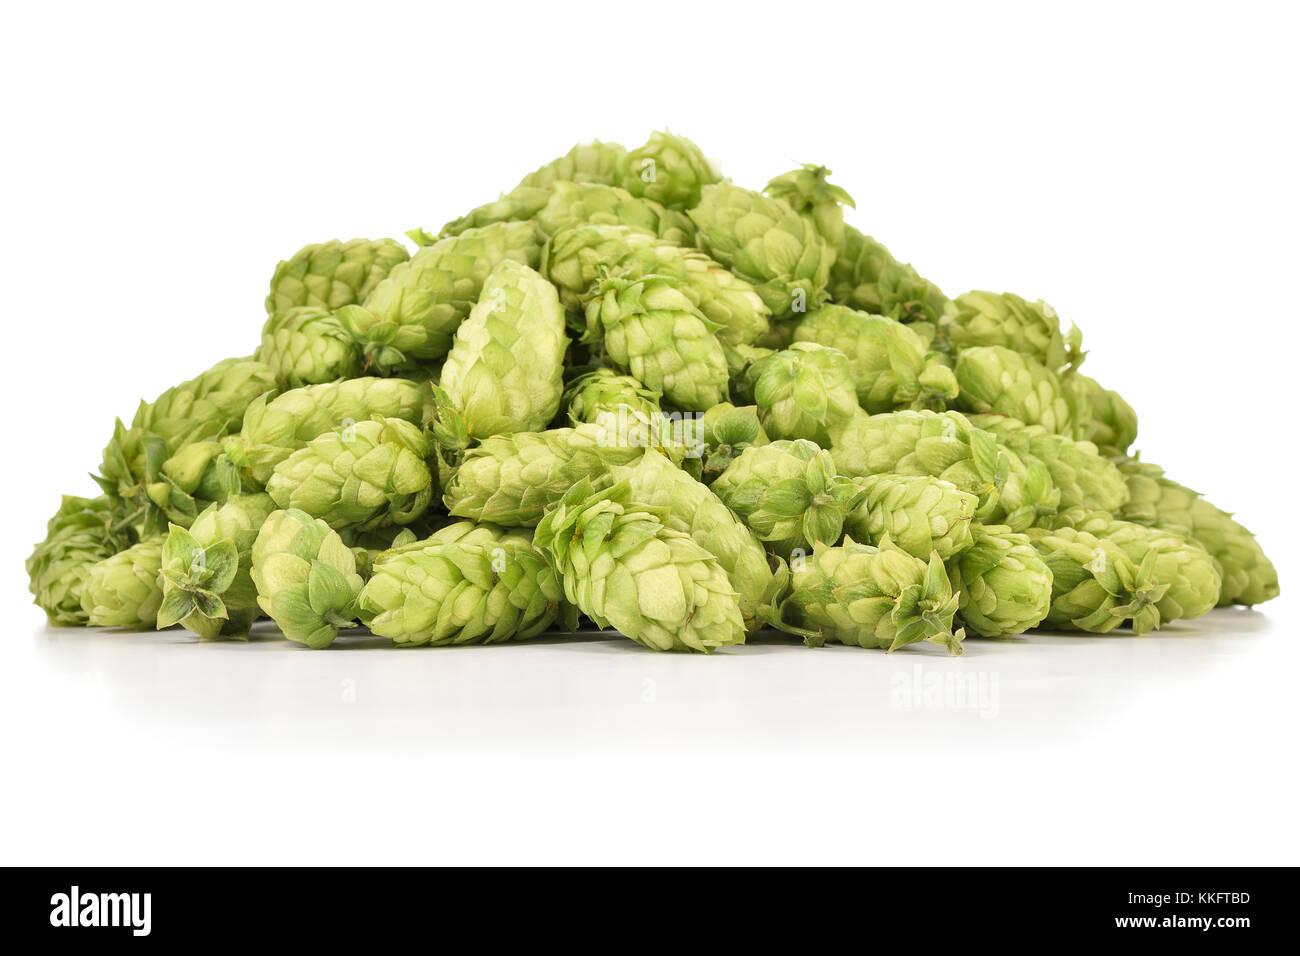 Montón de verde fresco el lúpulo (humulus lupulus) aislado sobre fondo blanco. montón de lúpulo, Imagen De Stock